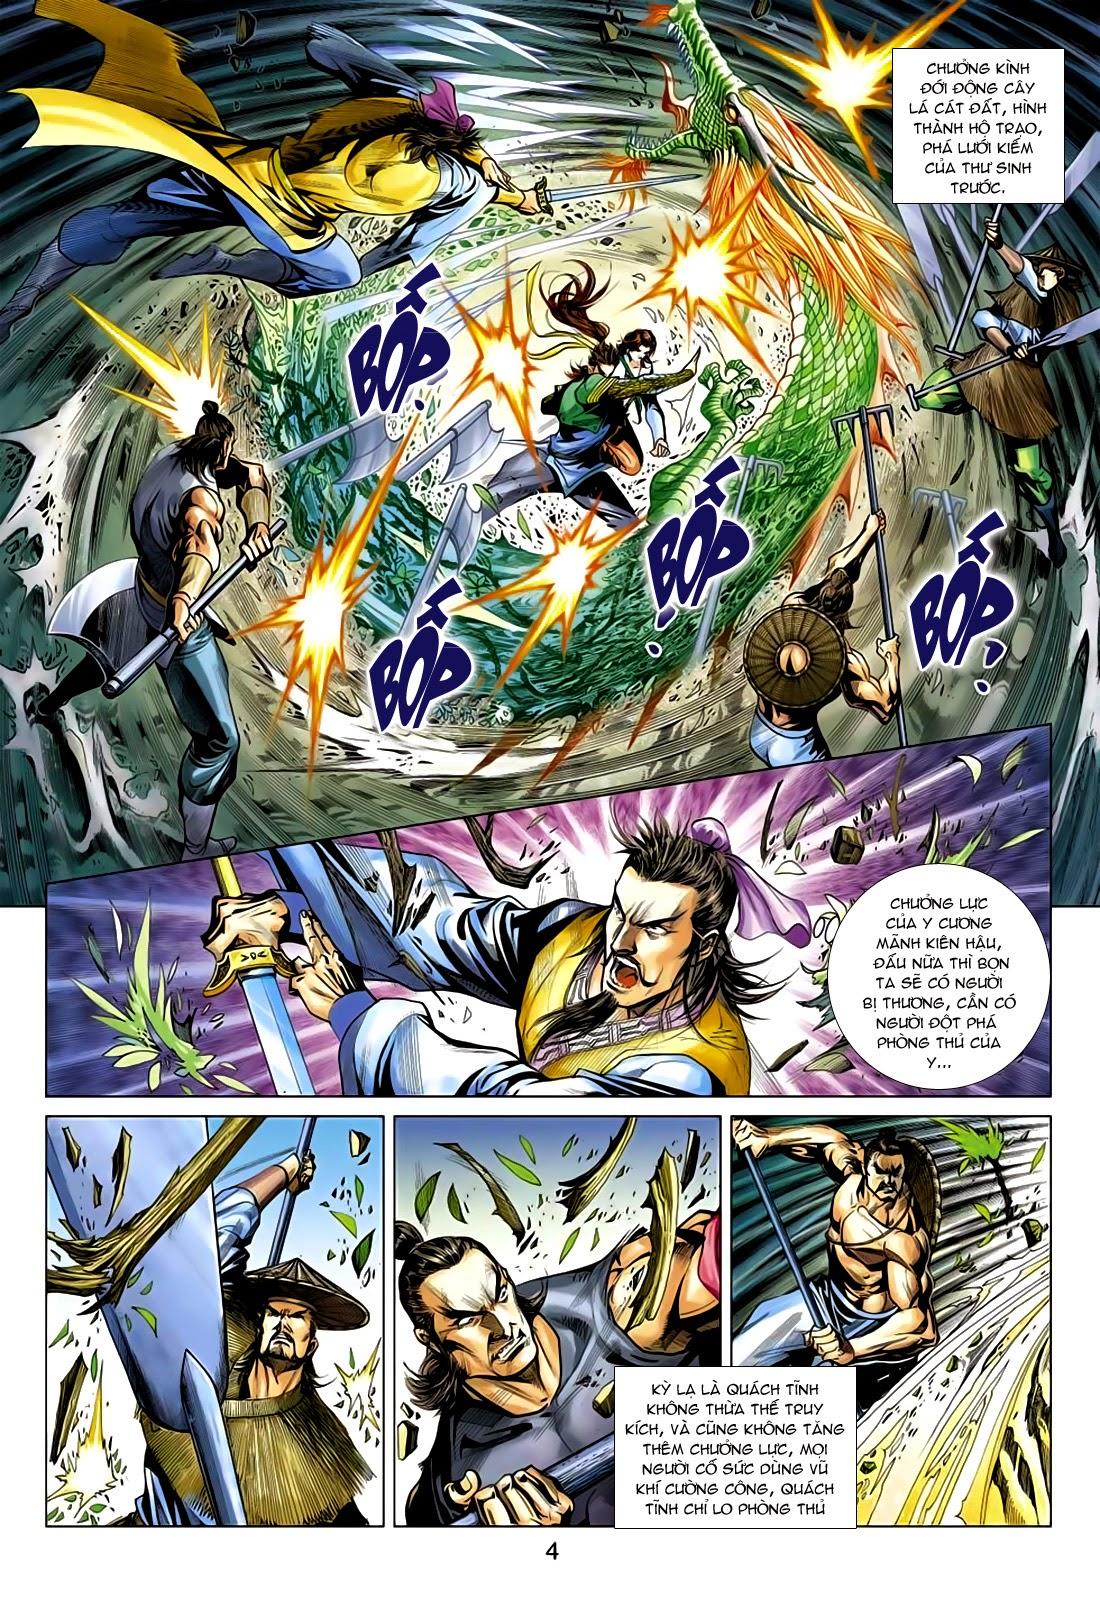 Anh Hùng Xạ Điêu anh hùng xạ đêu chap 75: hoàng thành cựu sự trang 4